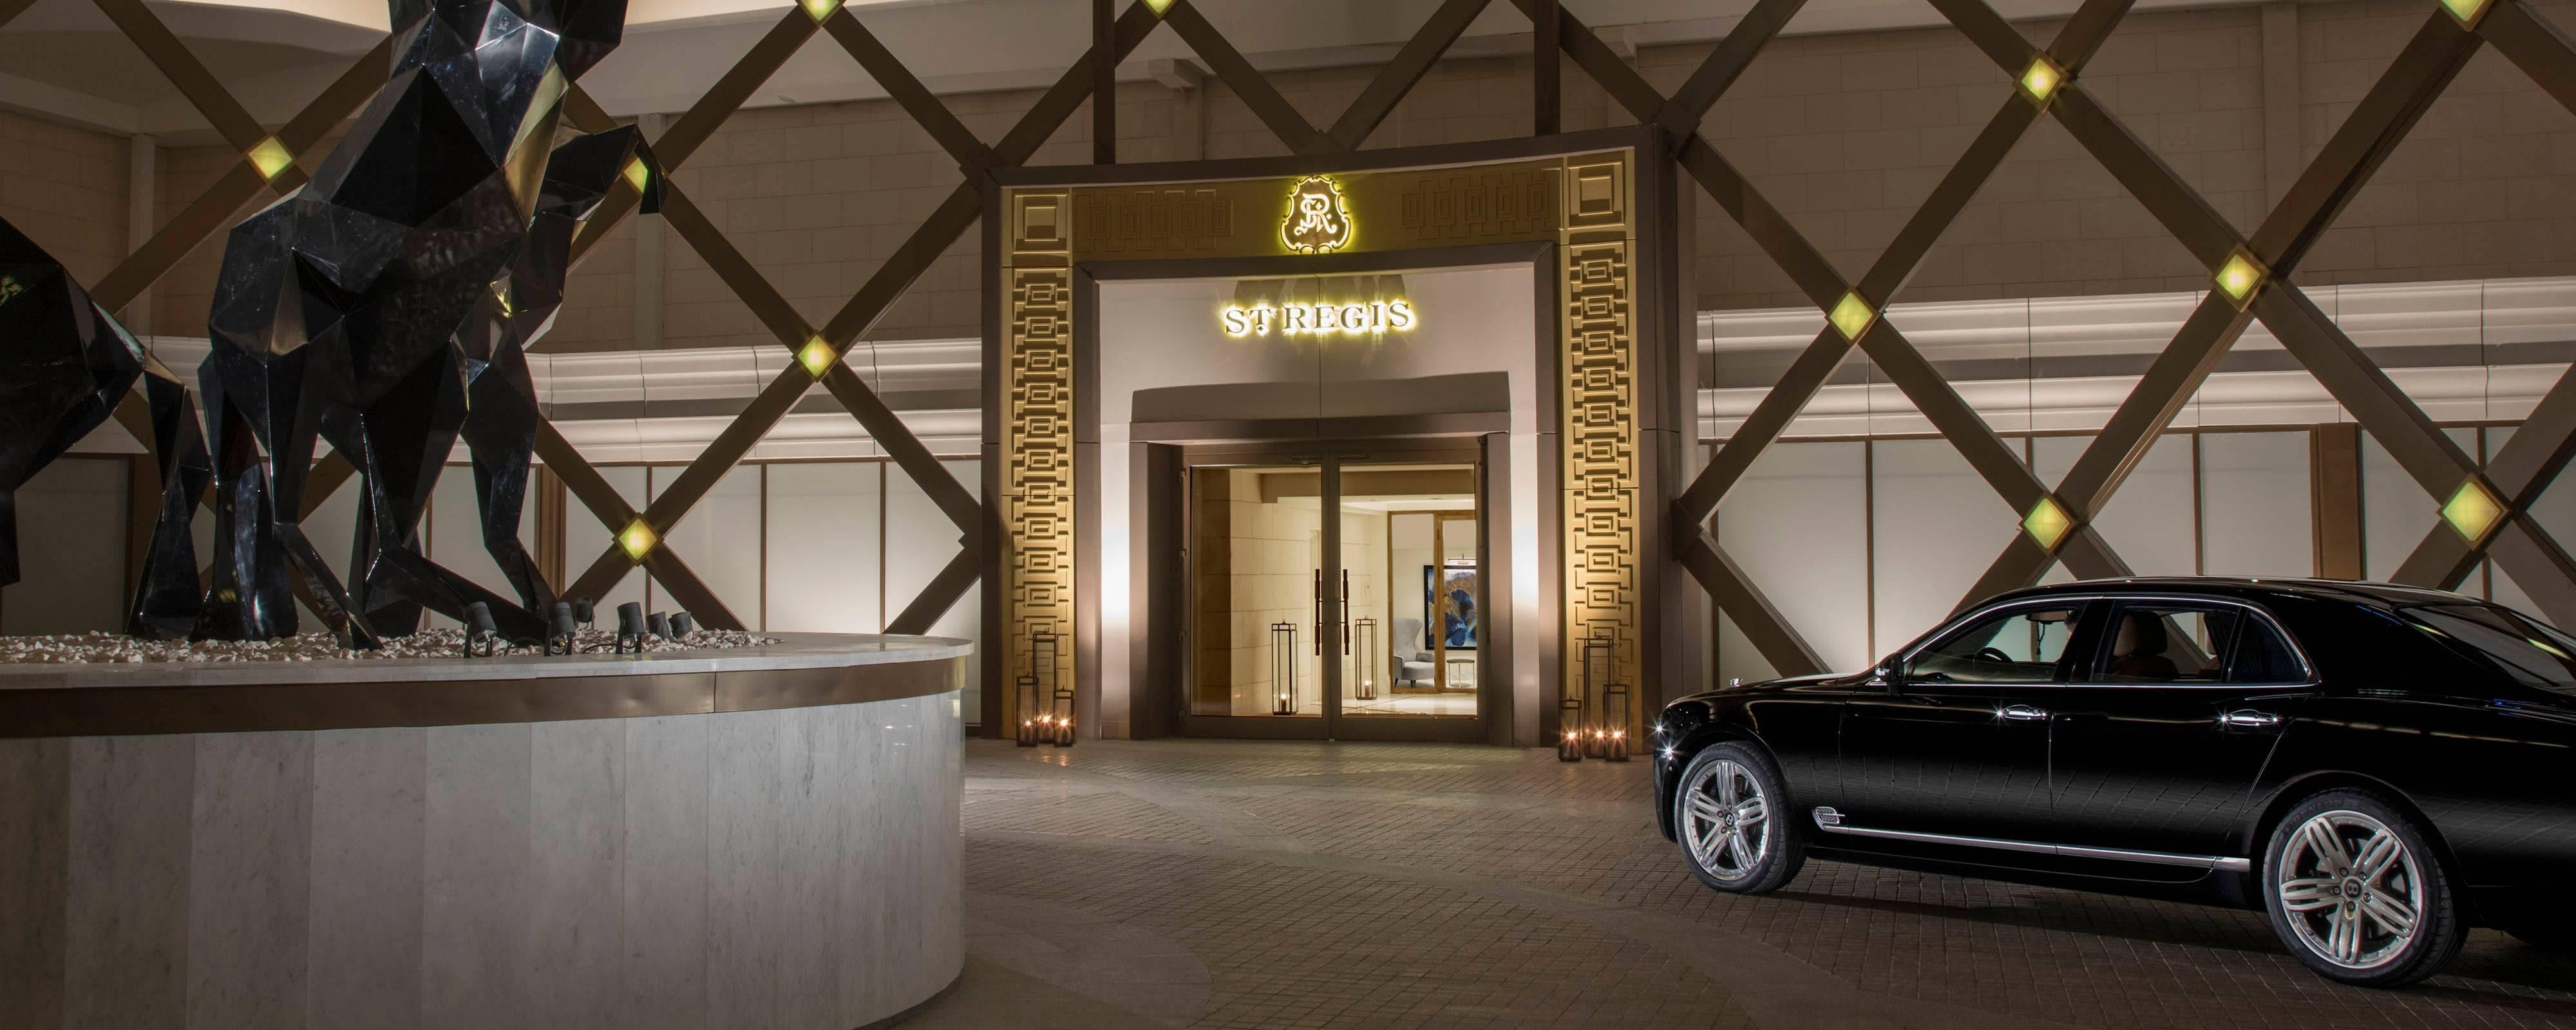 Вход в отель в виде юрты